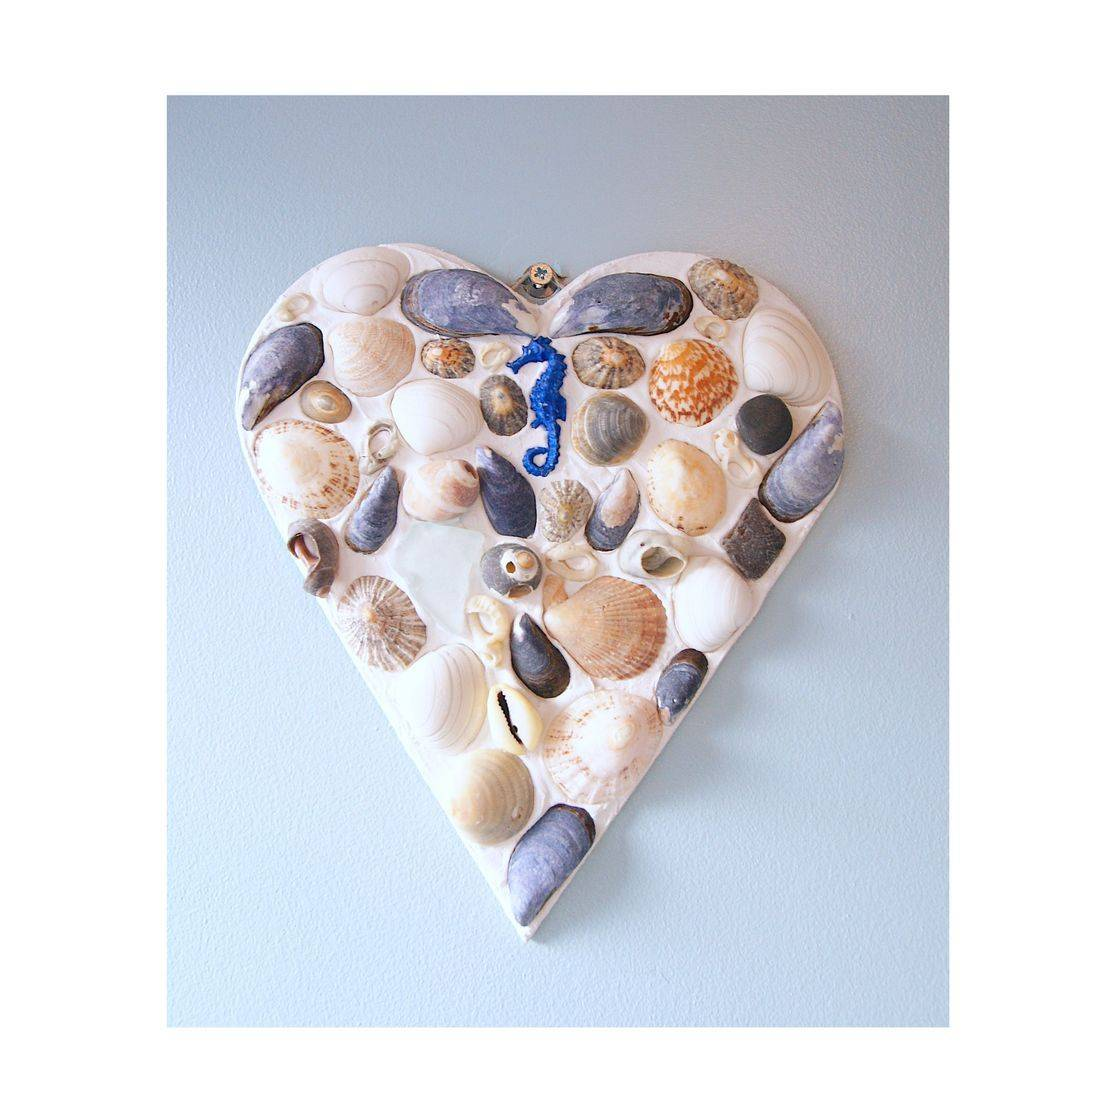 16 Mosaic Shell blue sea horse heart